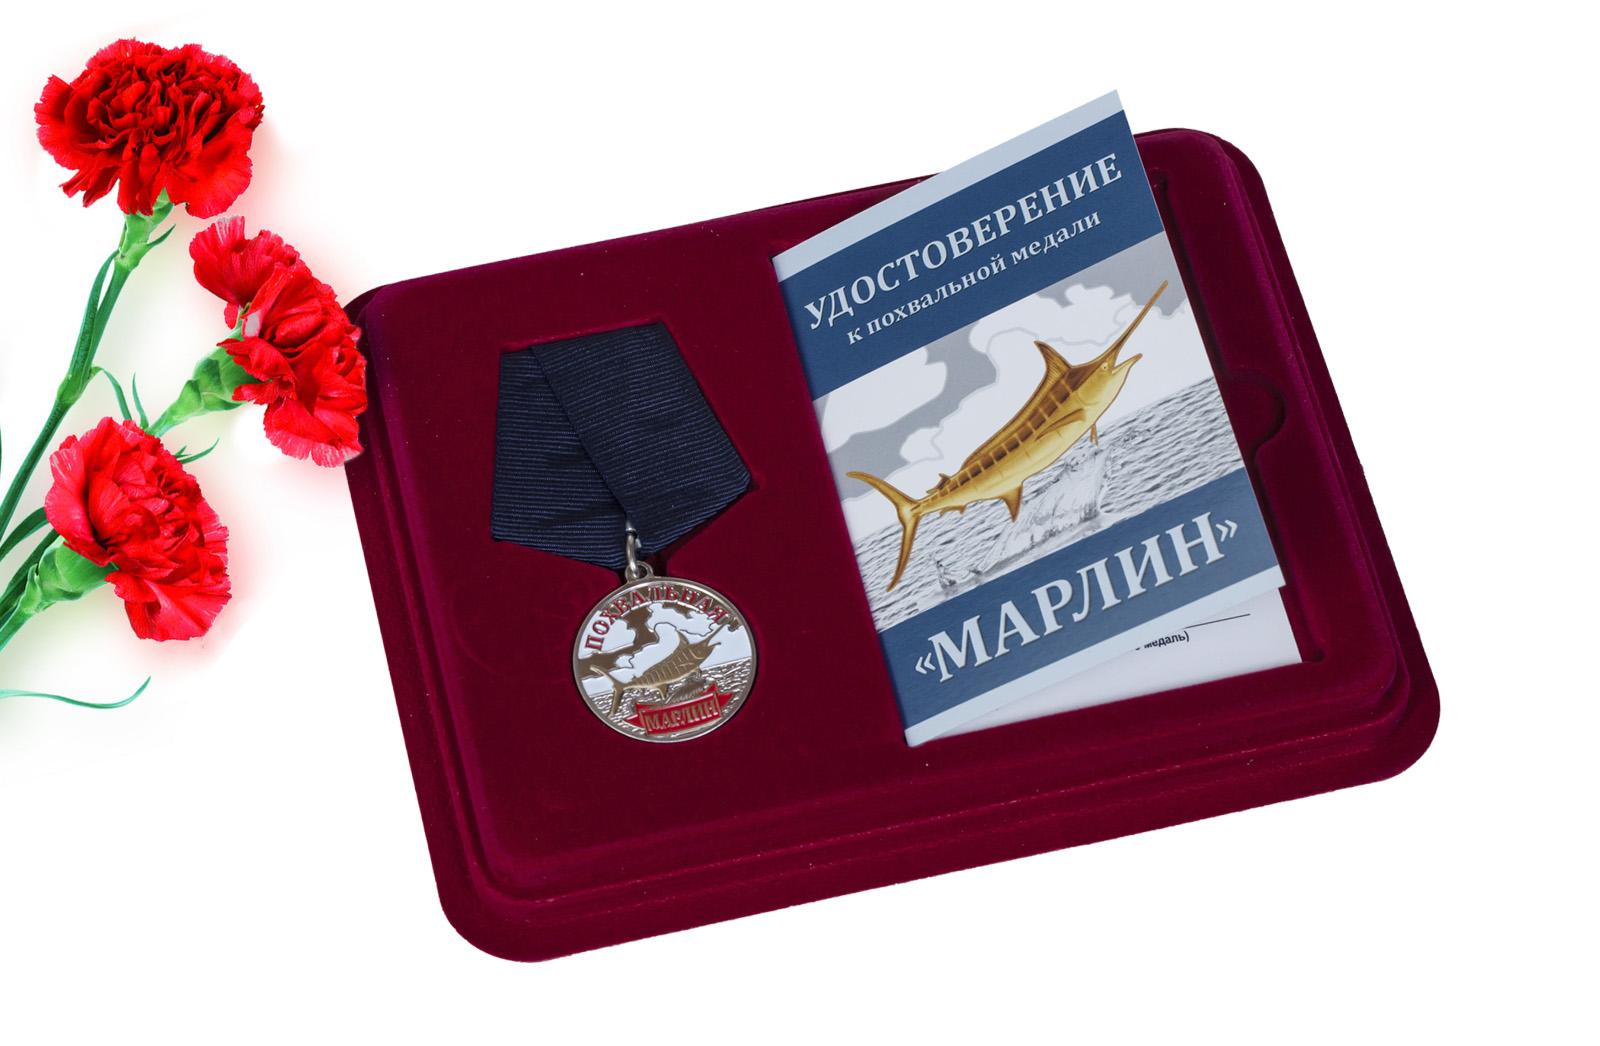 Купить медаль похвальную Марлин оптом или в розницу